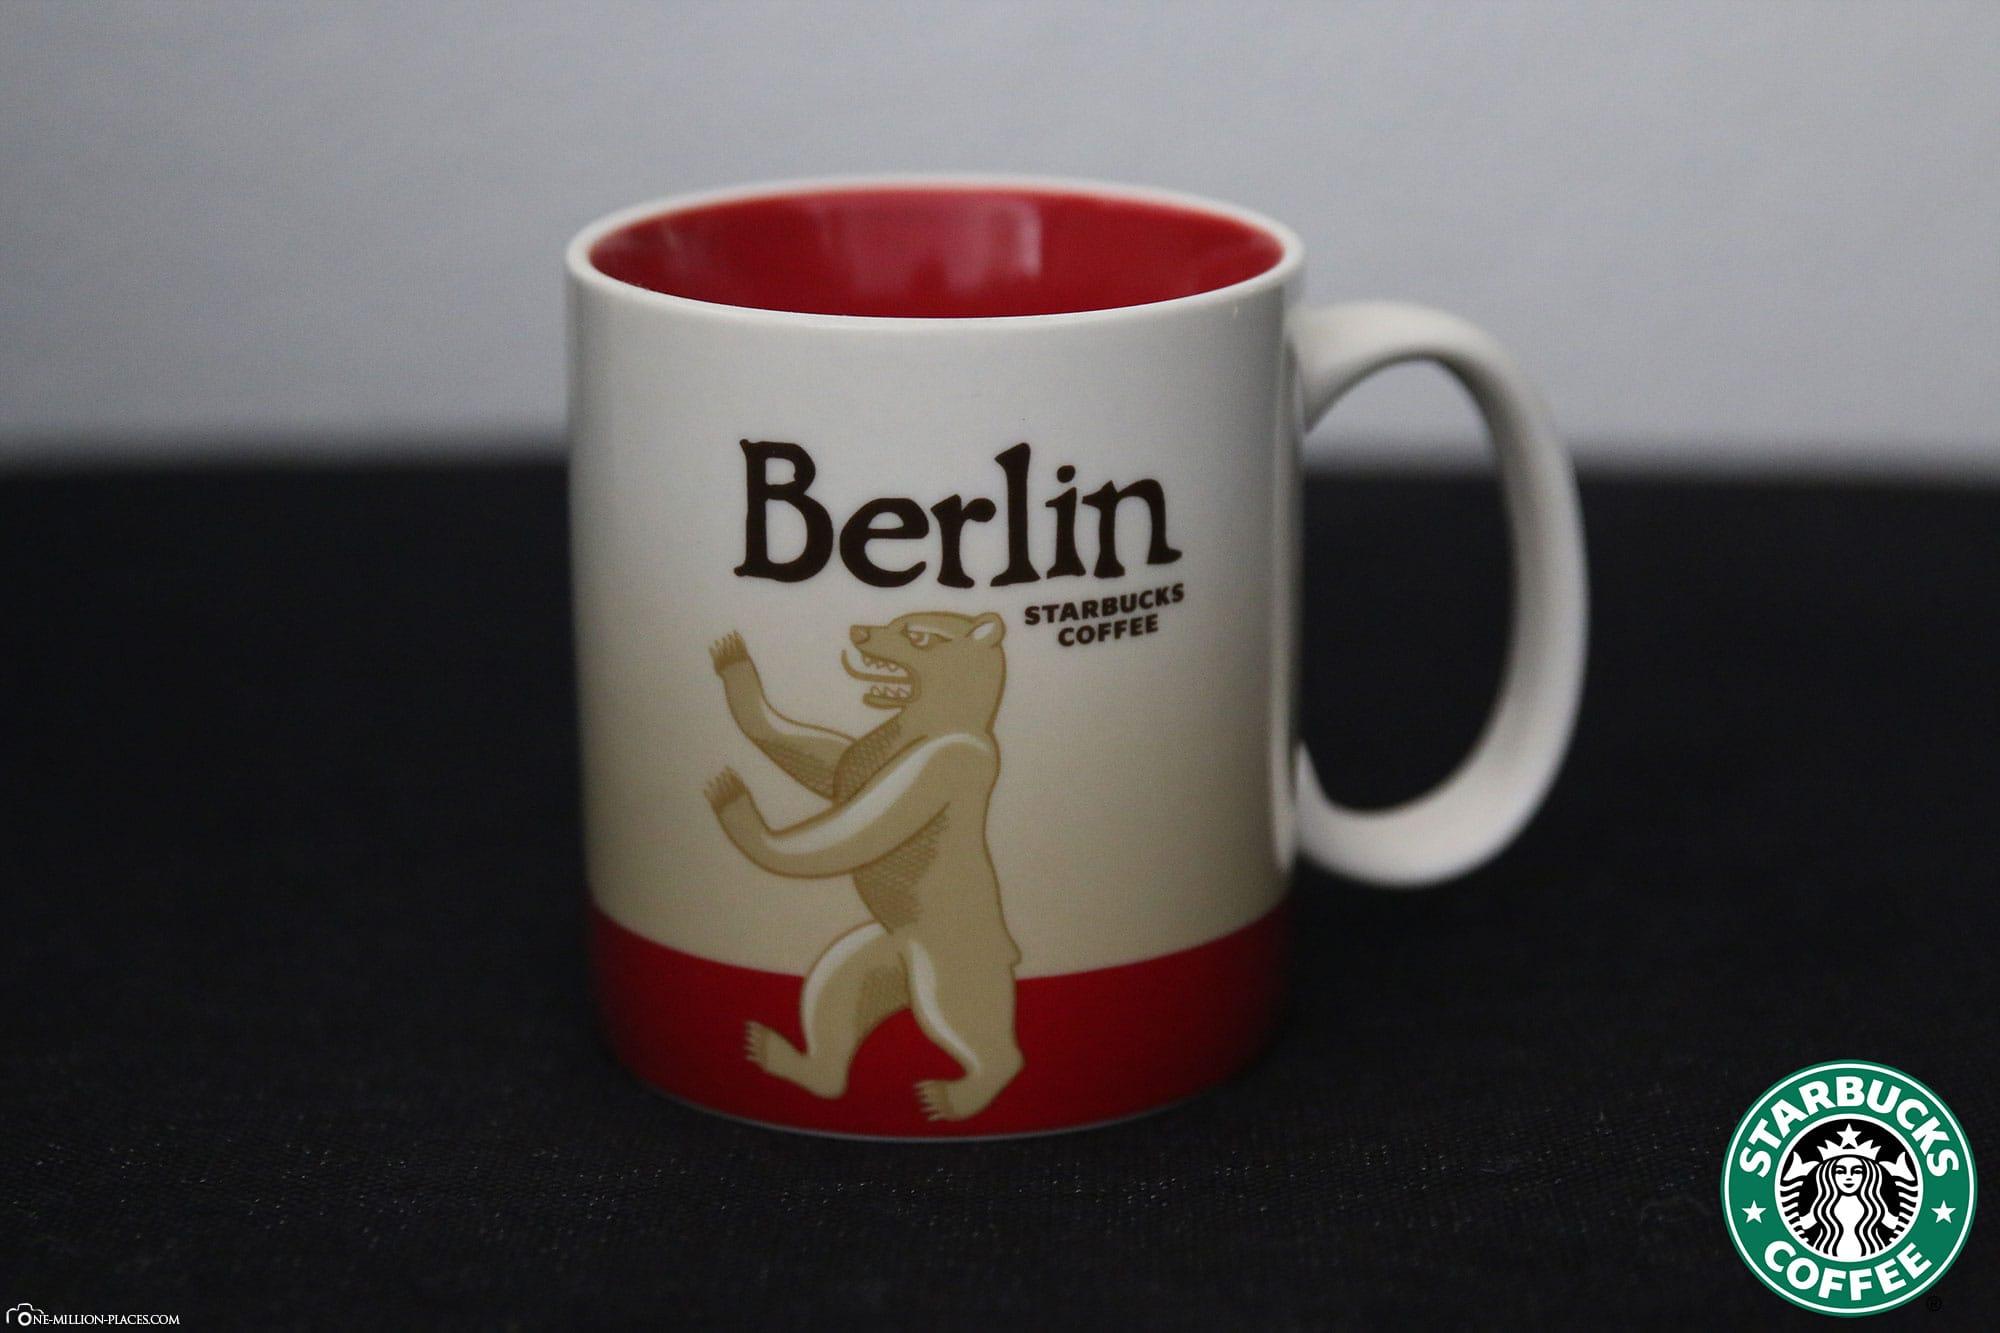 Berlin, Starbucks Tasse, Global Icon Serie, City Mugs, Sammlung, Deutschland, Reisebericht